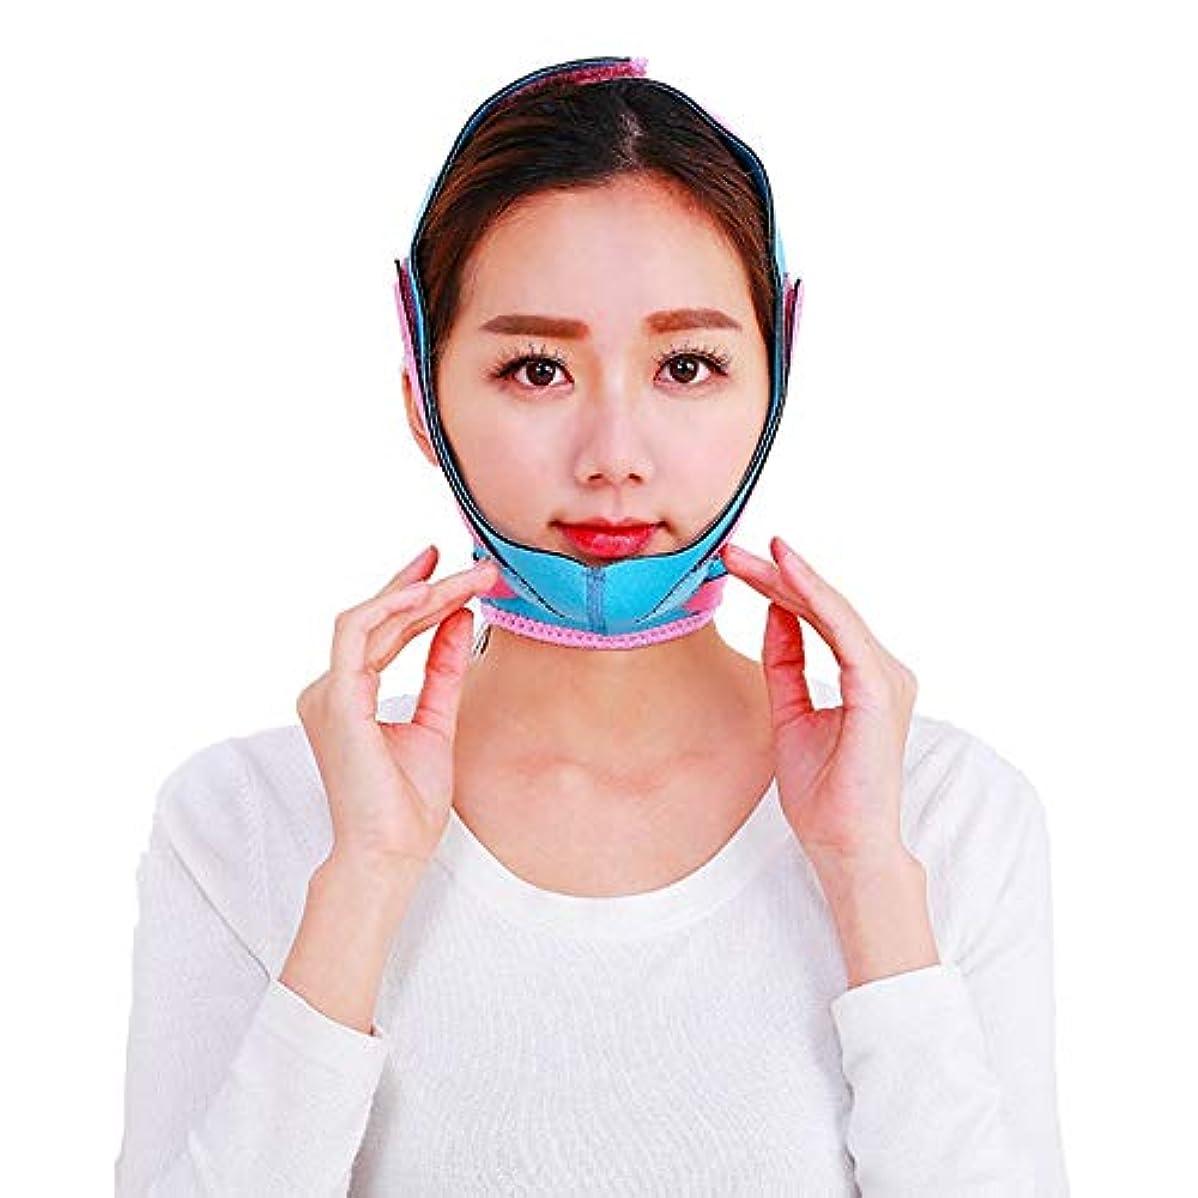 インペリアル先例承認薄い顔のベルト - 薄い顔のベルト 顔の包帯前面のリフティングマスクVの顔薄い面の小さな持ち上げツール 美しさ